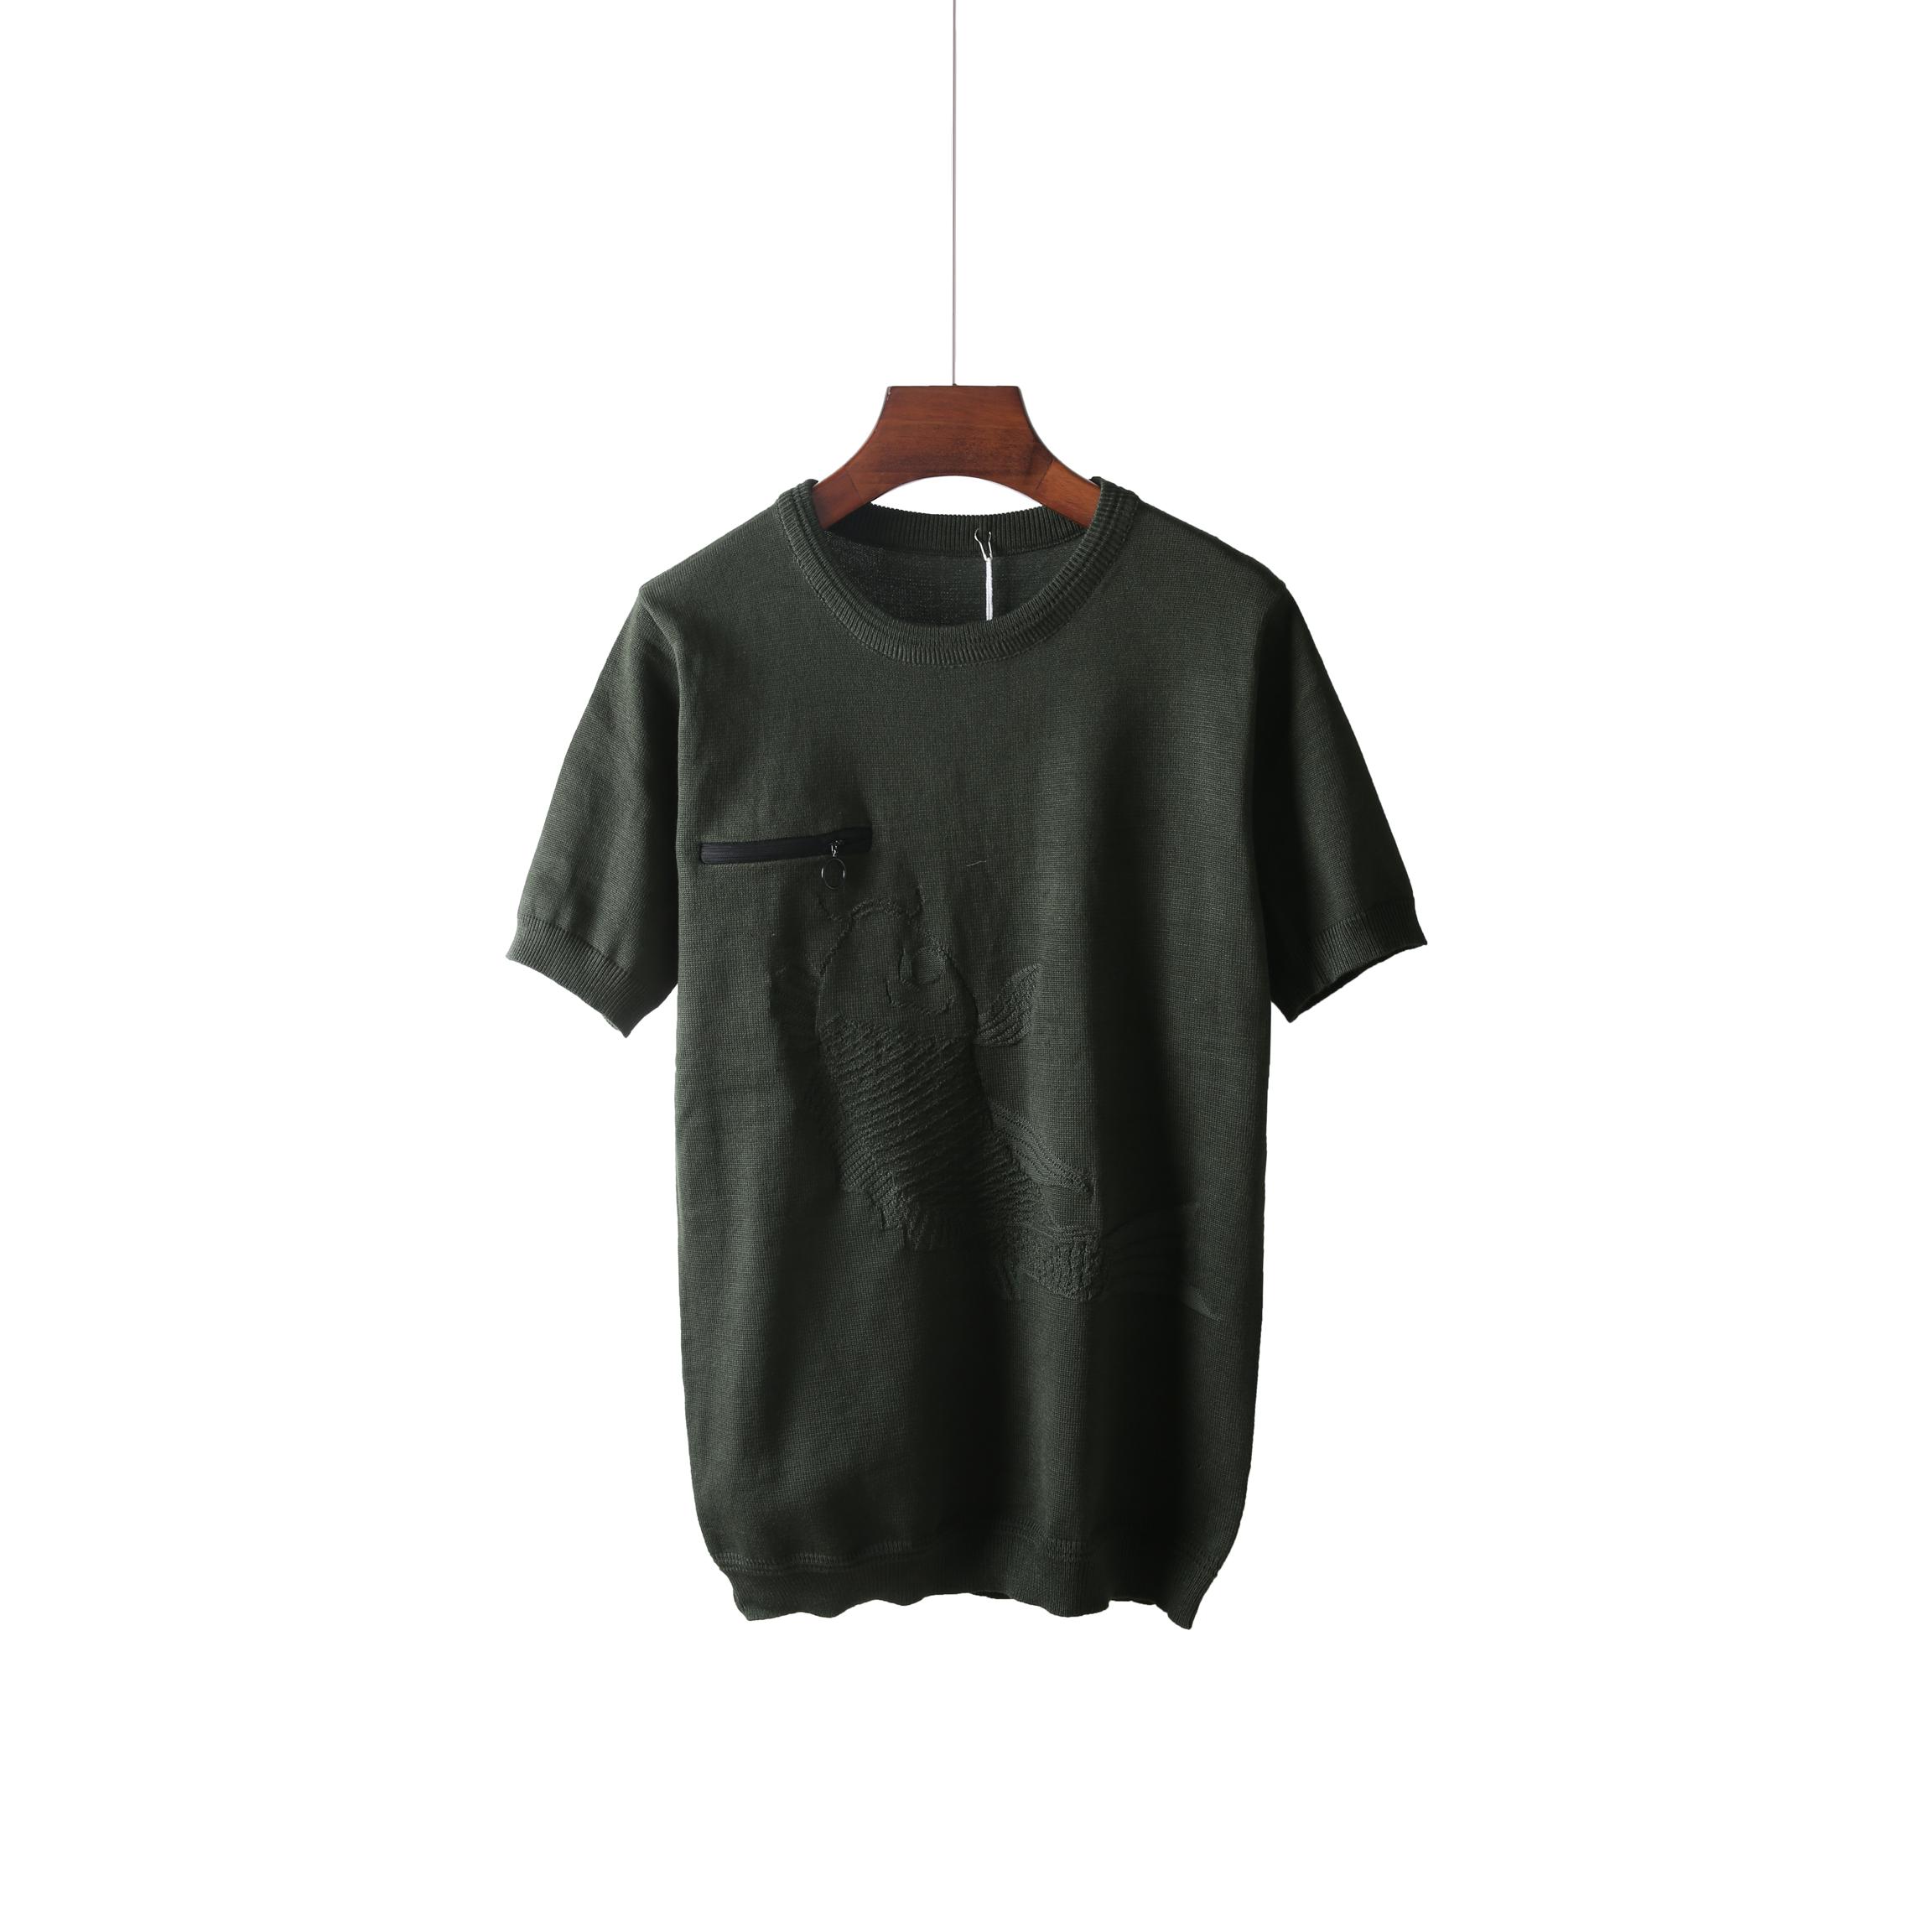 t恤男短袖 夏季休闲款针织短袖男圆领修身弹力半袖T恤打底男士短袖T恤8843_推荐淘宝好看的t恤男短袖